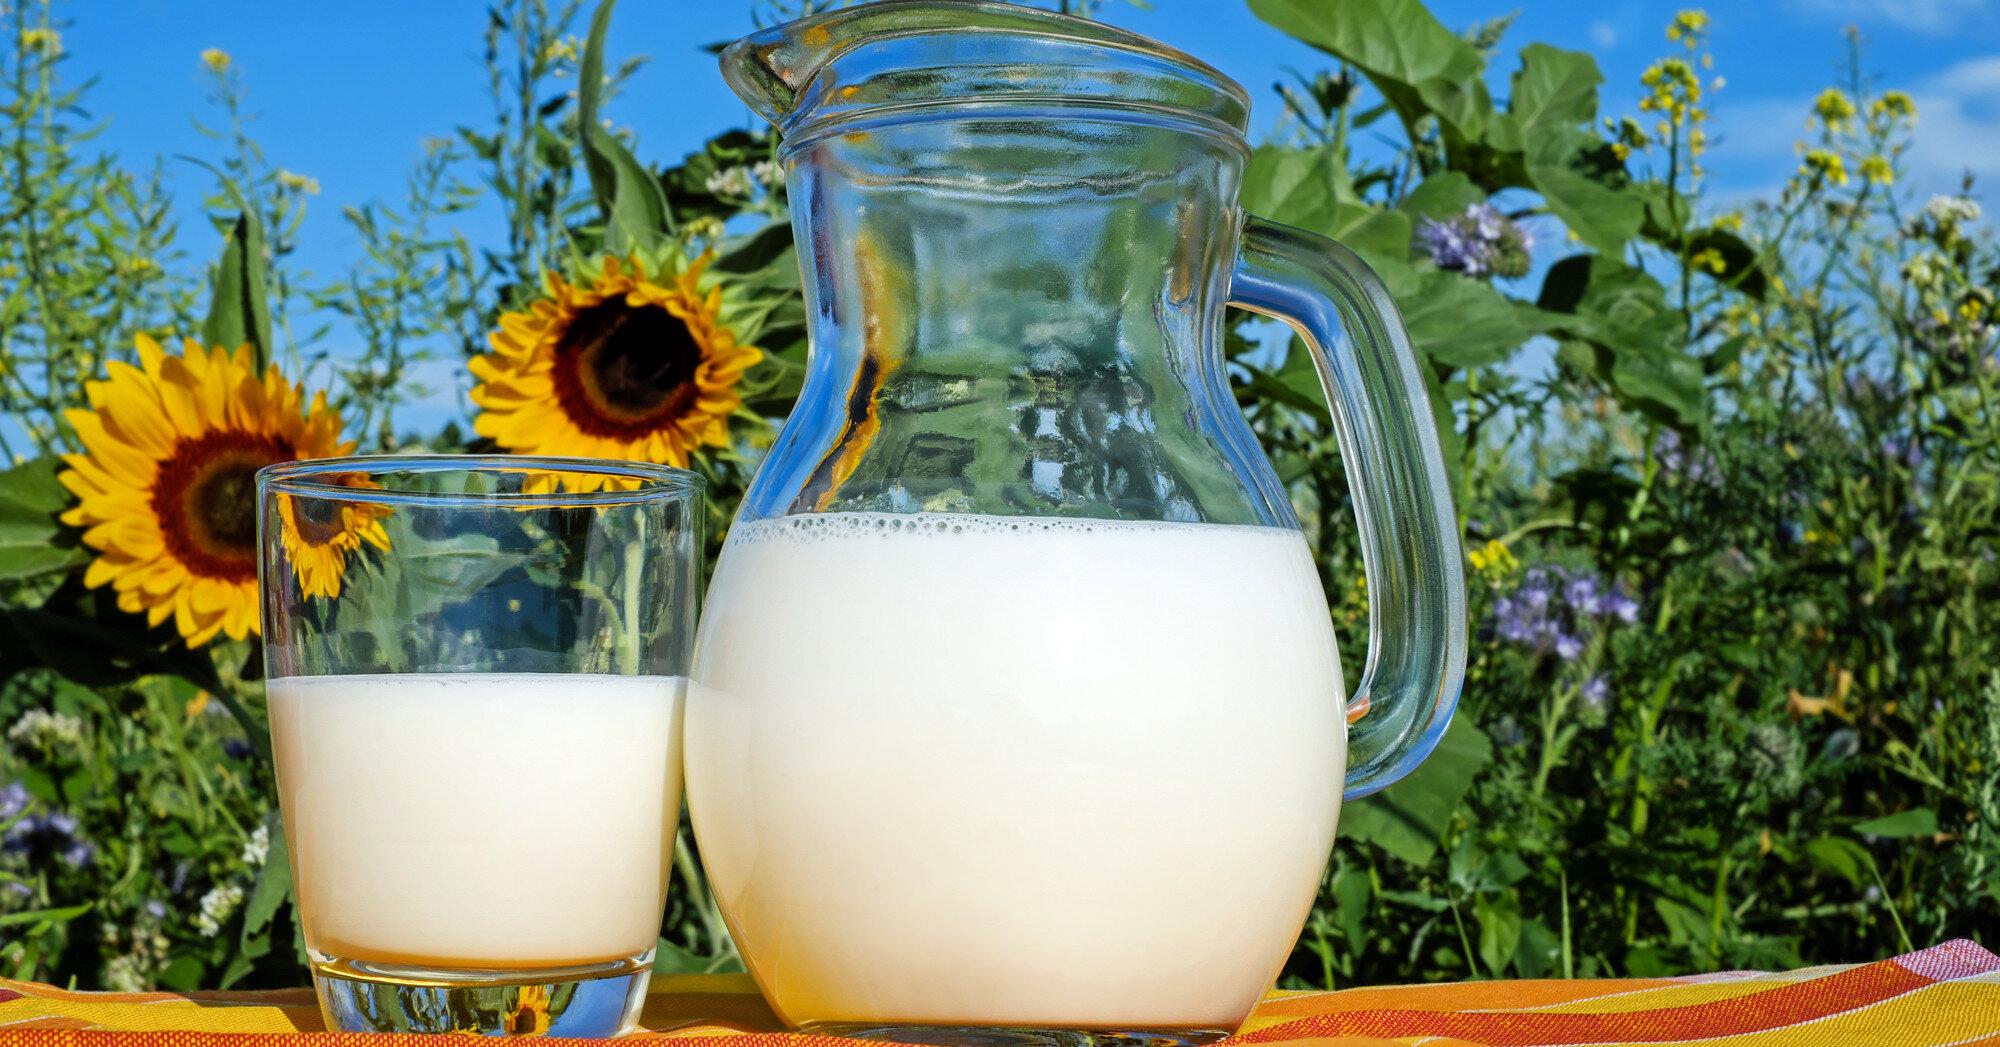 Не усваивается и вымывает кальций: диетолог развенчал мифы о молоке